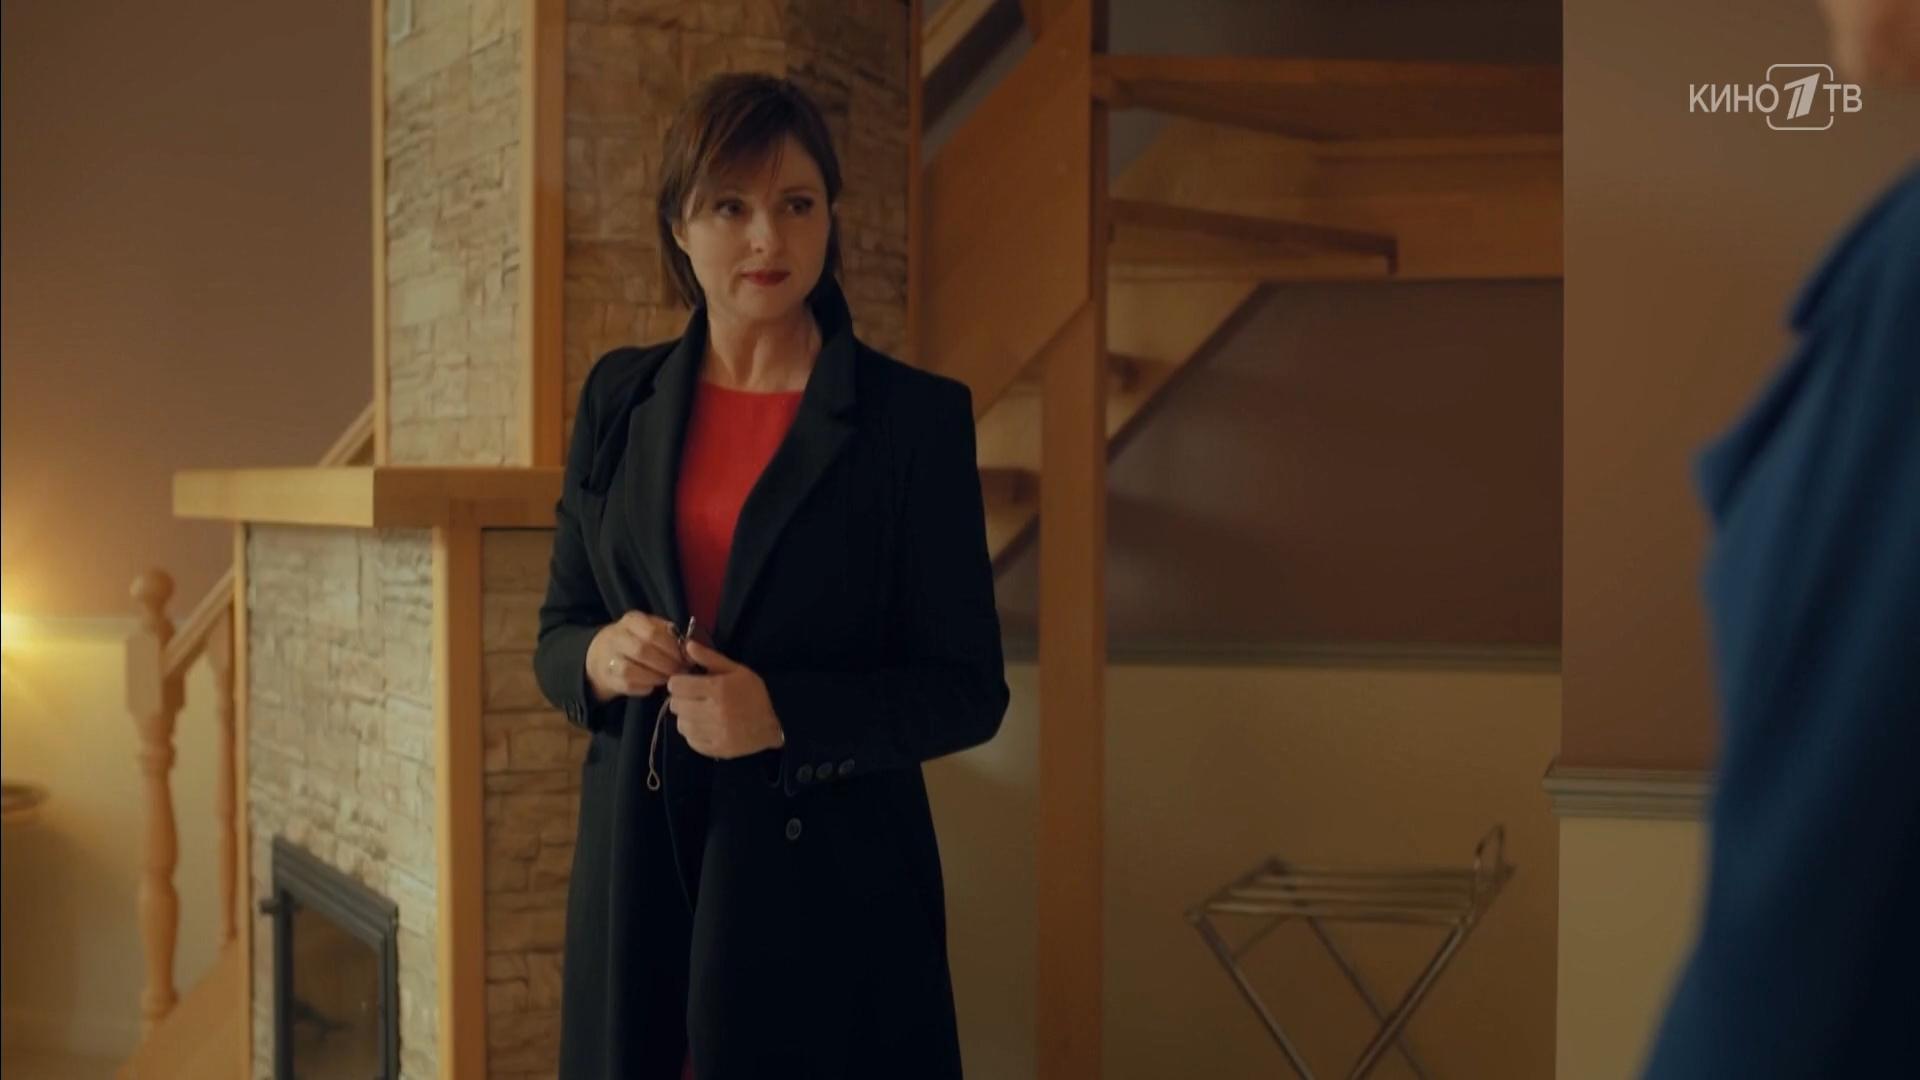 Изображение для Ищейка / Сезон 5, Серии 1-16 из 16 (2020) WEBRip 1080p (кликните для просмотра полного изображения)